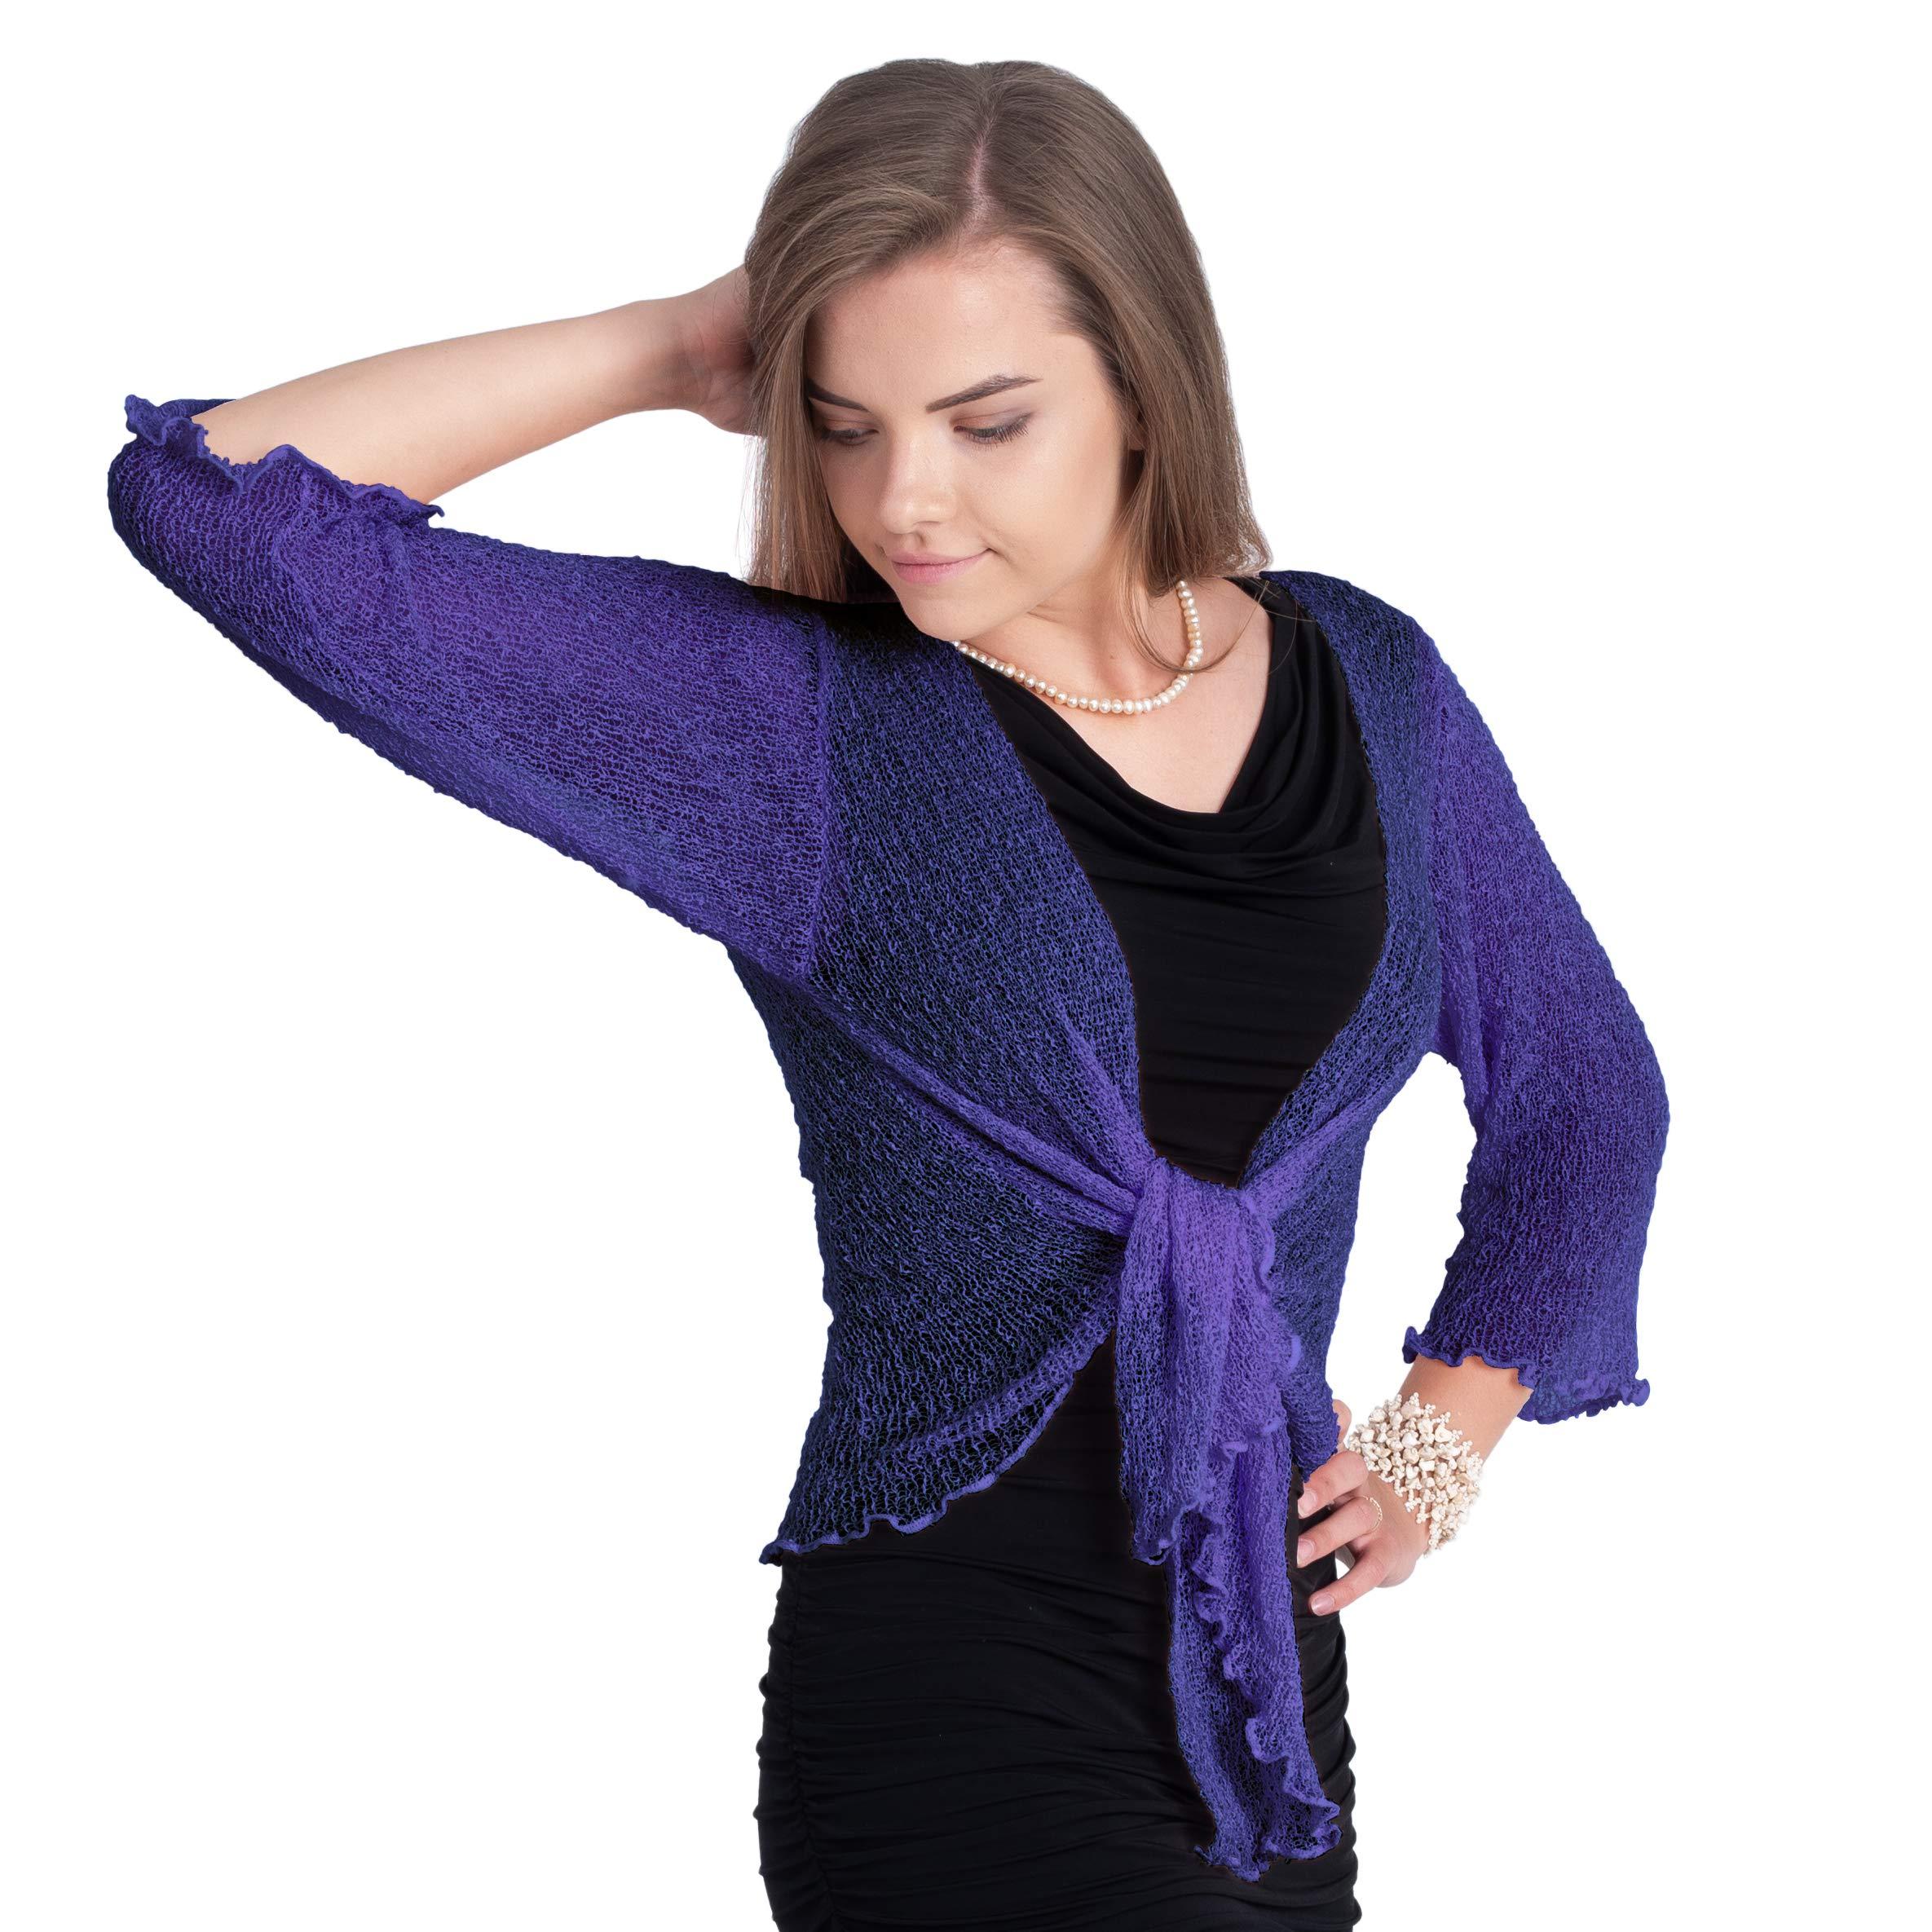 Boho Village Lightweight Cardigans for Women - 3/4 Sleeve Shrugs for Dresses. Navy Blue/Dark Blue S-XL